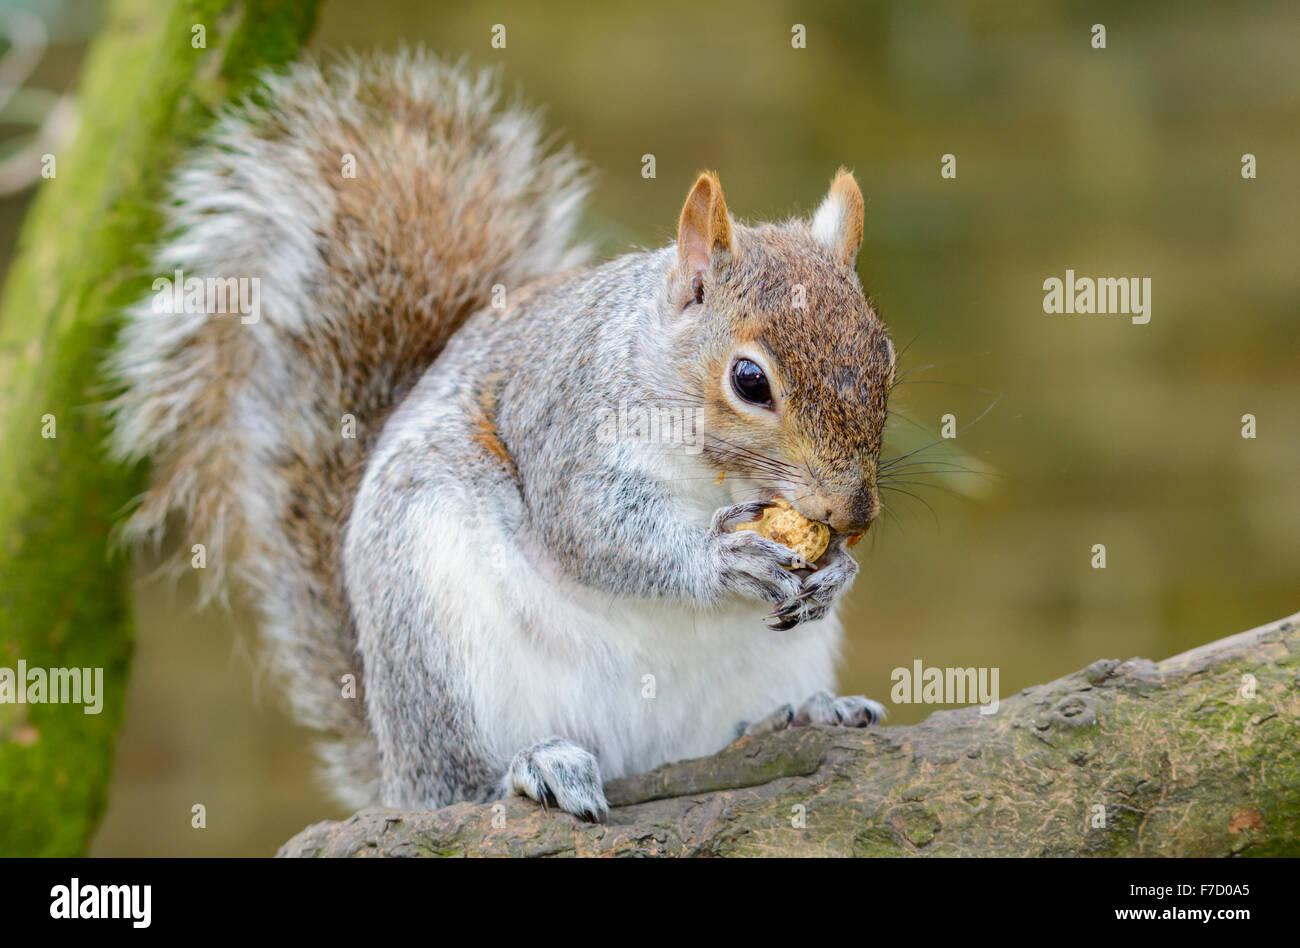 Graue Eichhörnchen (Sciurus Carolinensis) Essen eine Nuss auf dem Ast eines Baumes. Stockbild